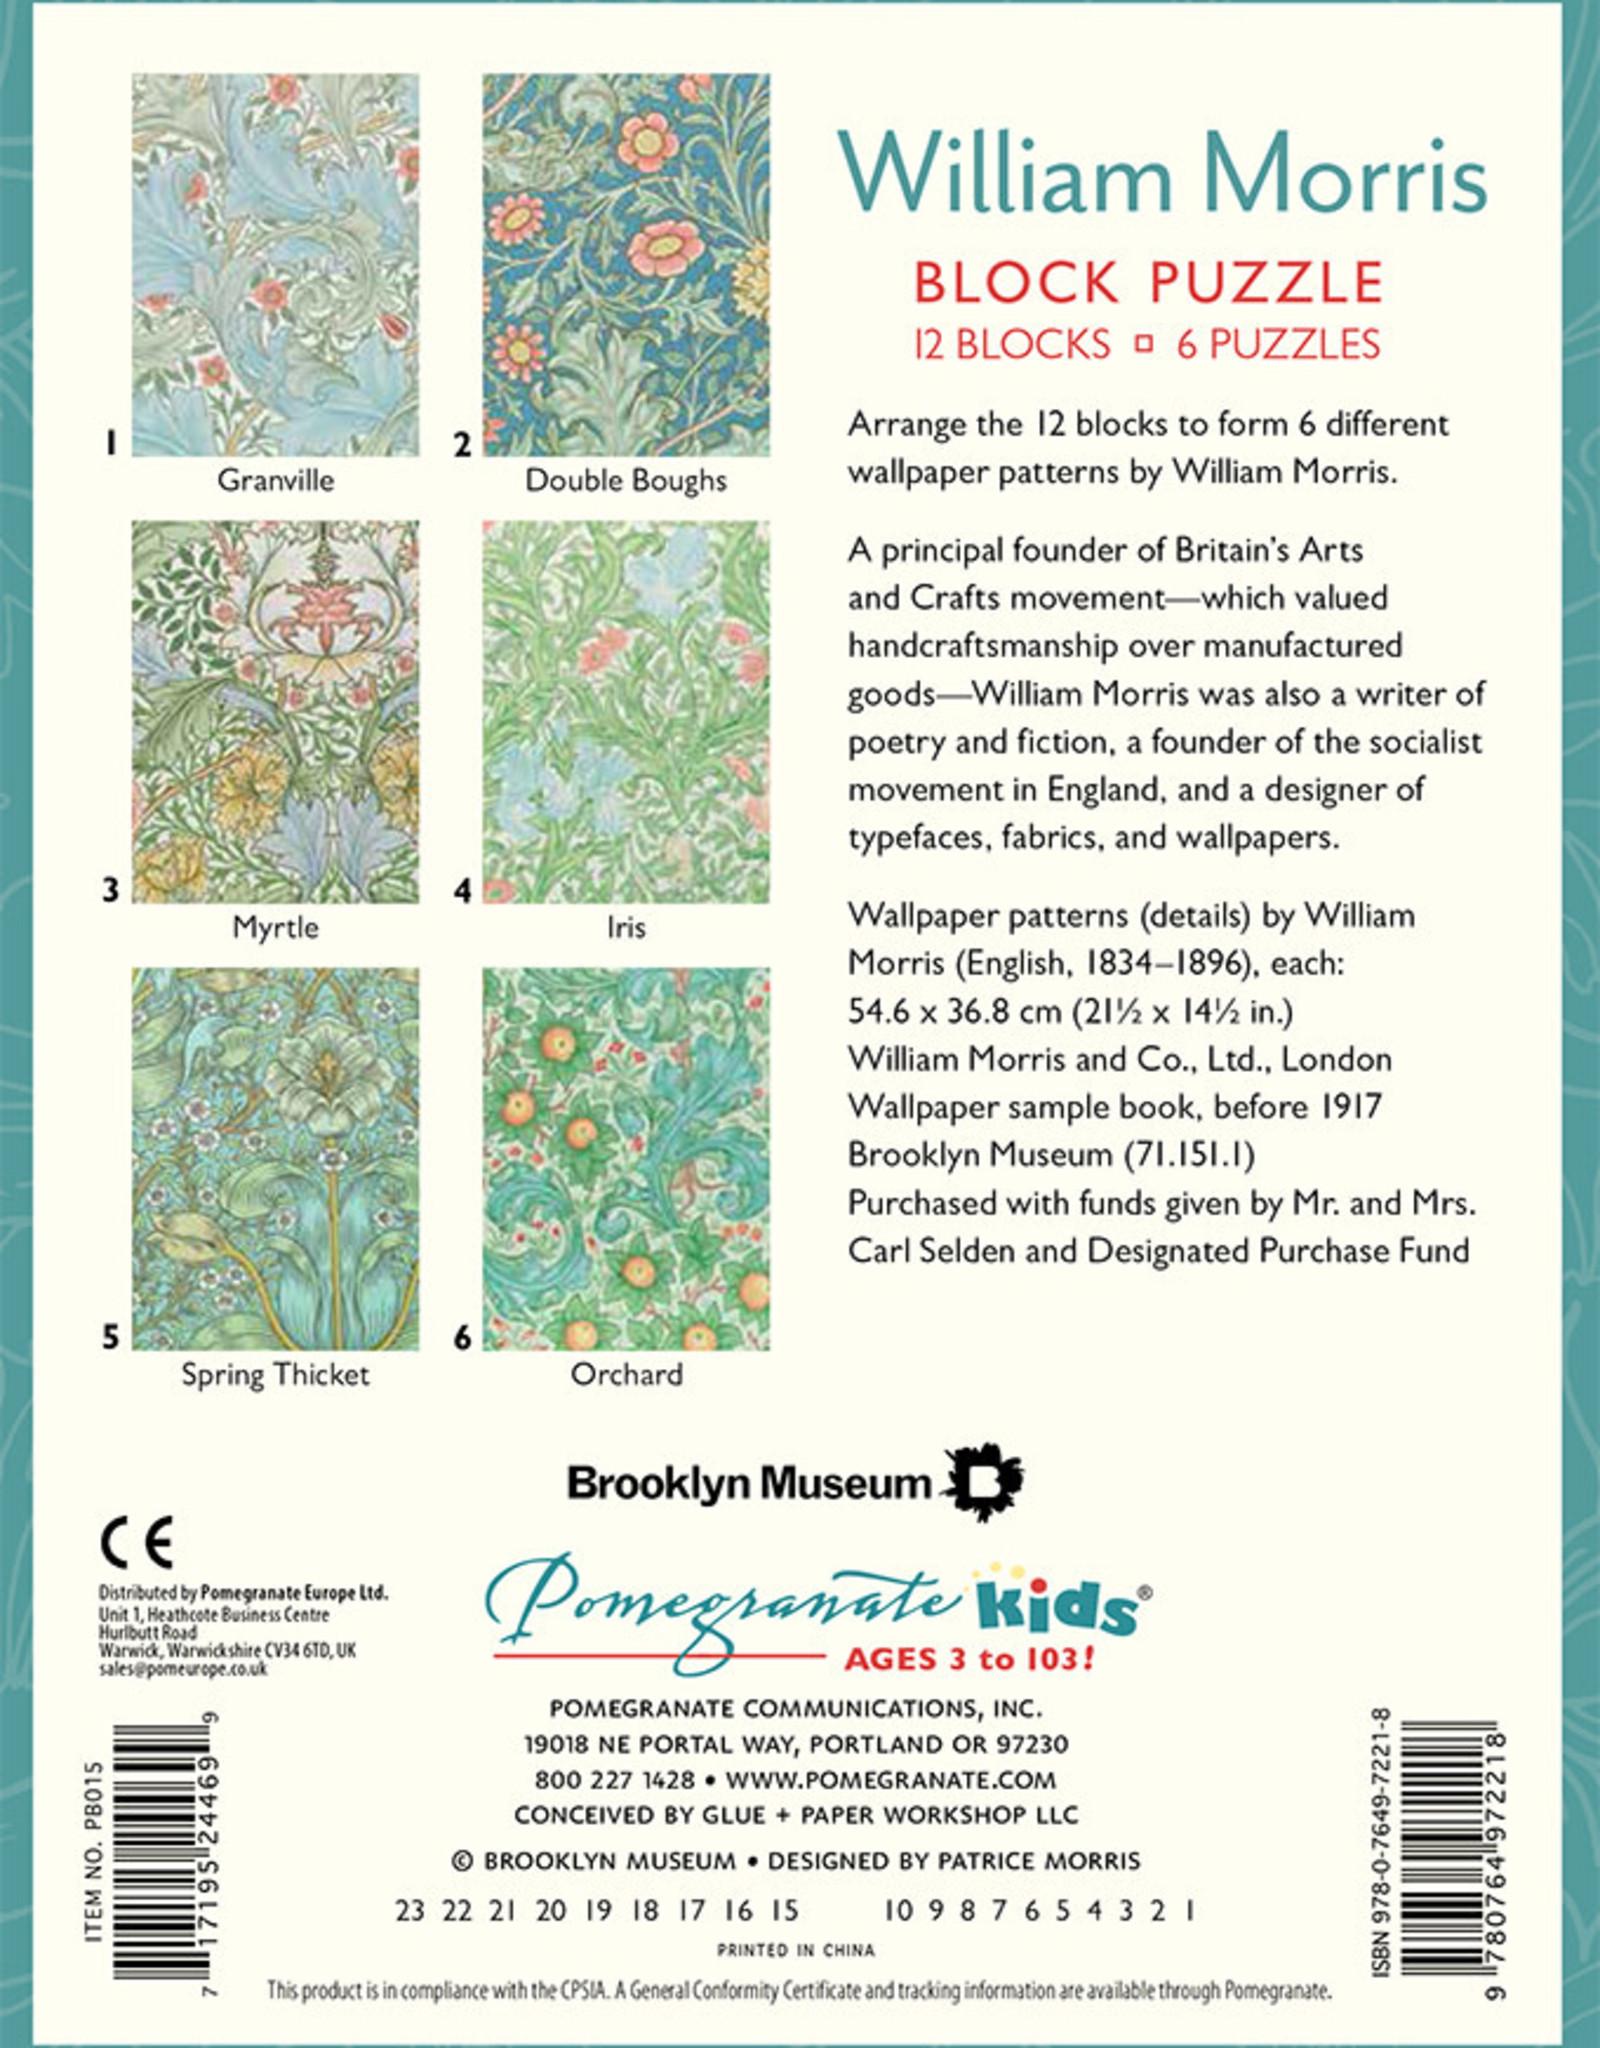 Pomegranate William Morris Block Puzzle